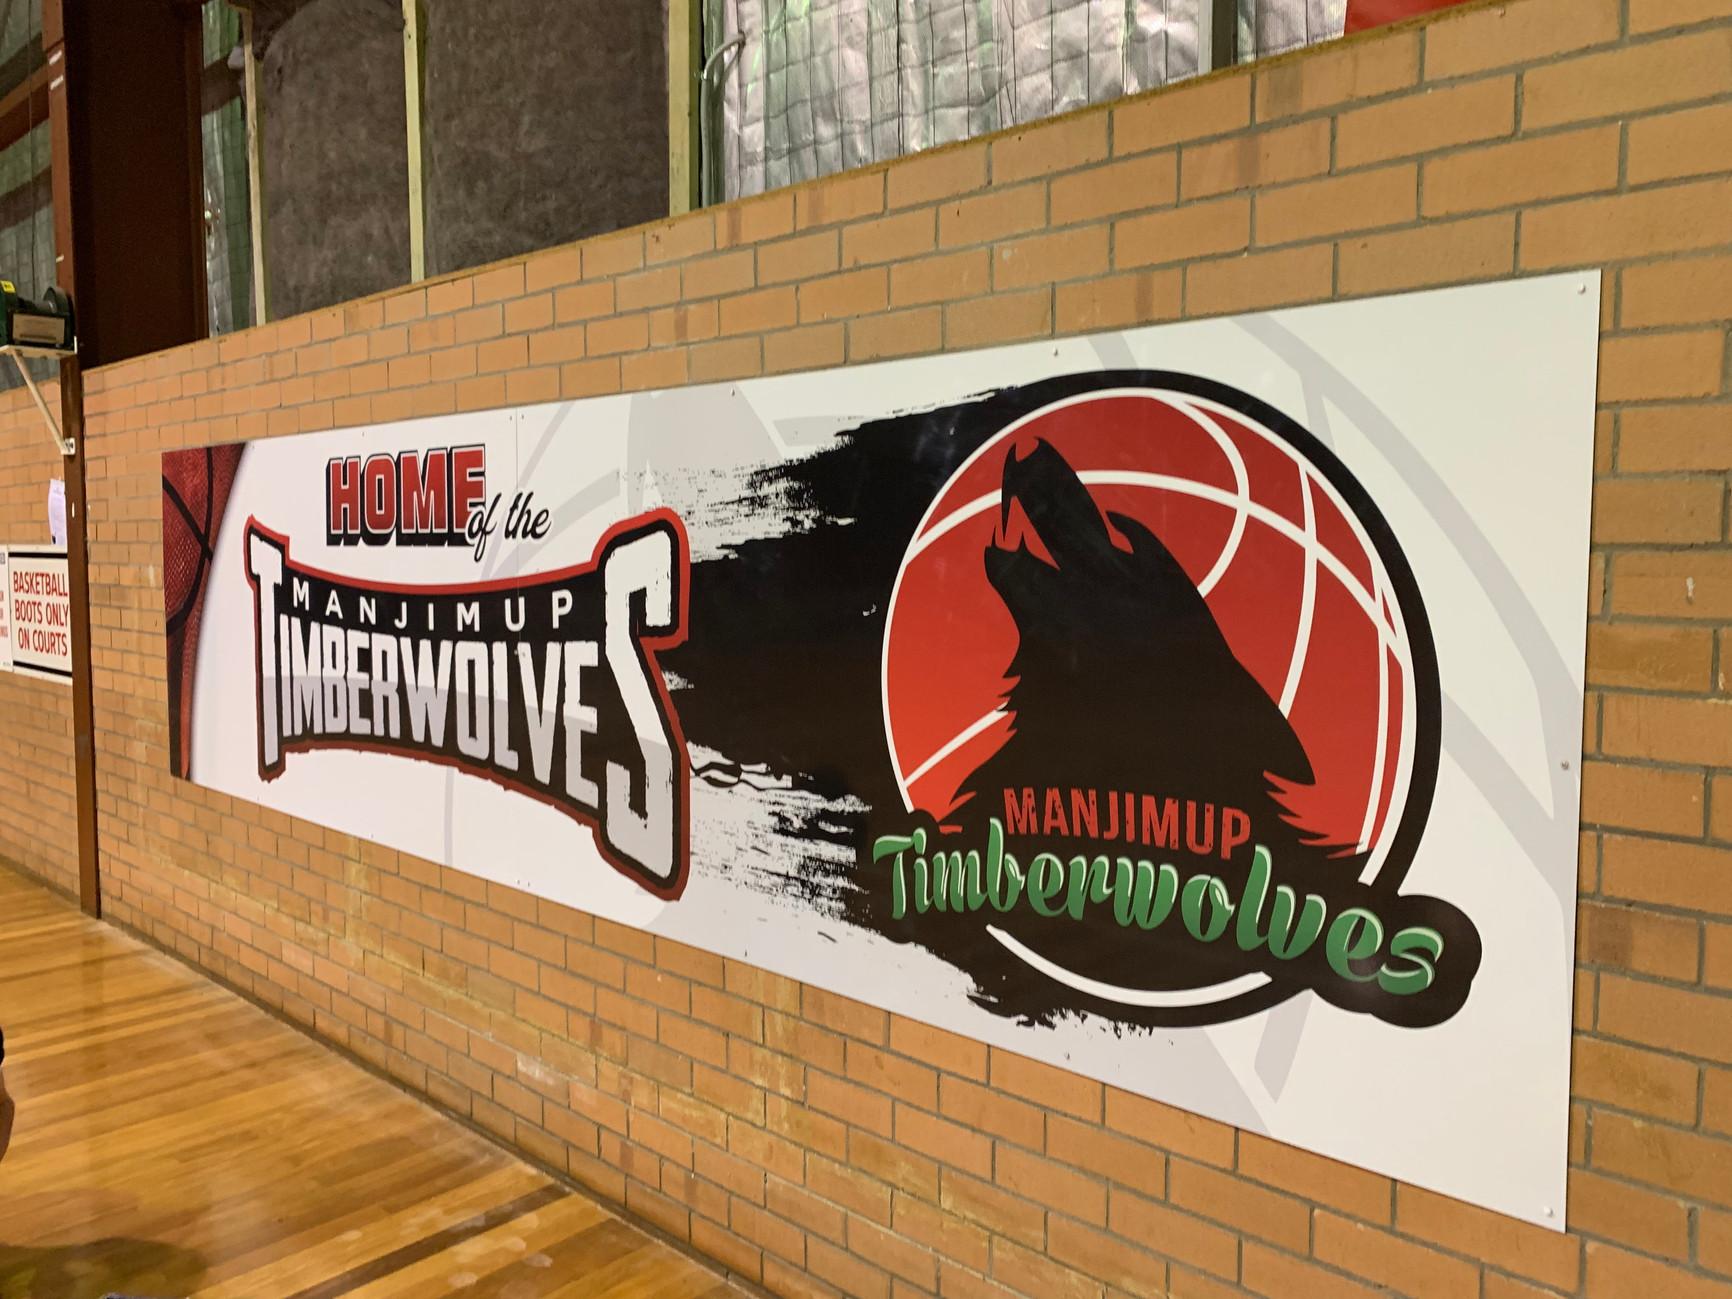 Manjimup Timberwolves ACM panel sign